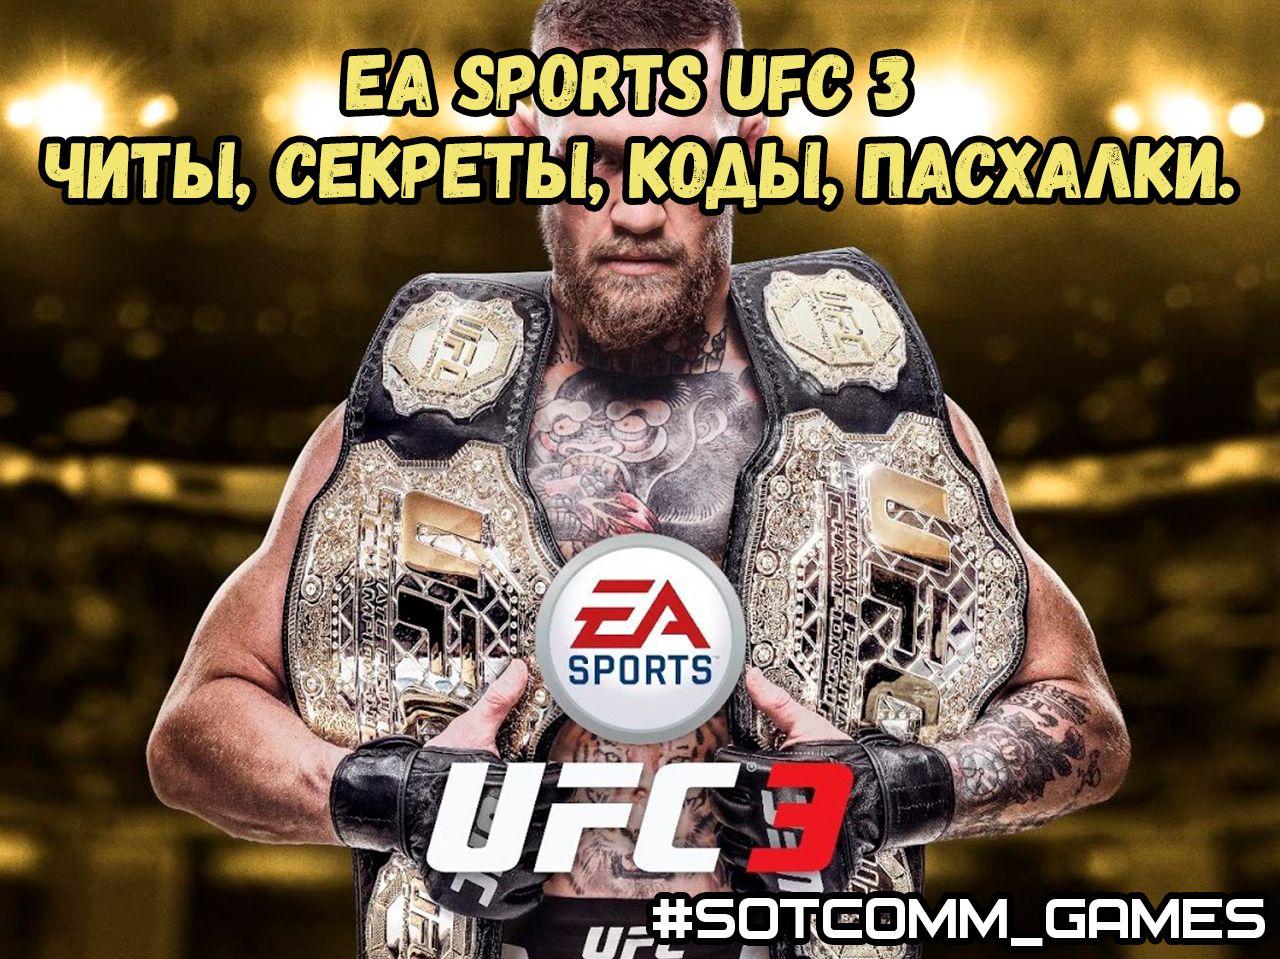 EA Sports UFC 3 Читы, секреты, коды, пасхалки.